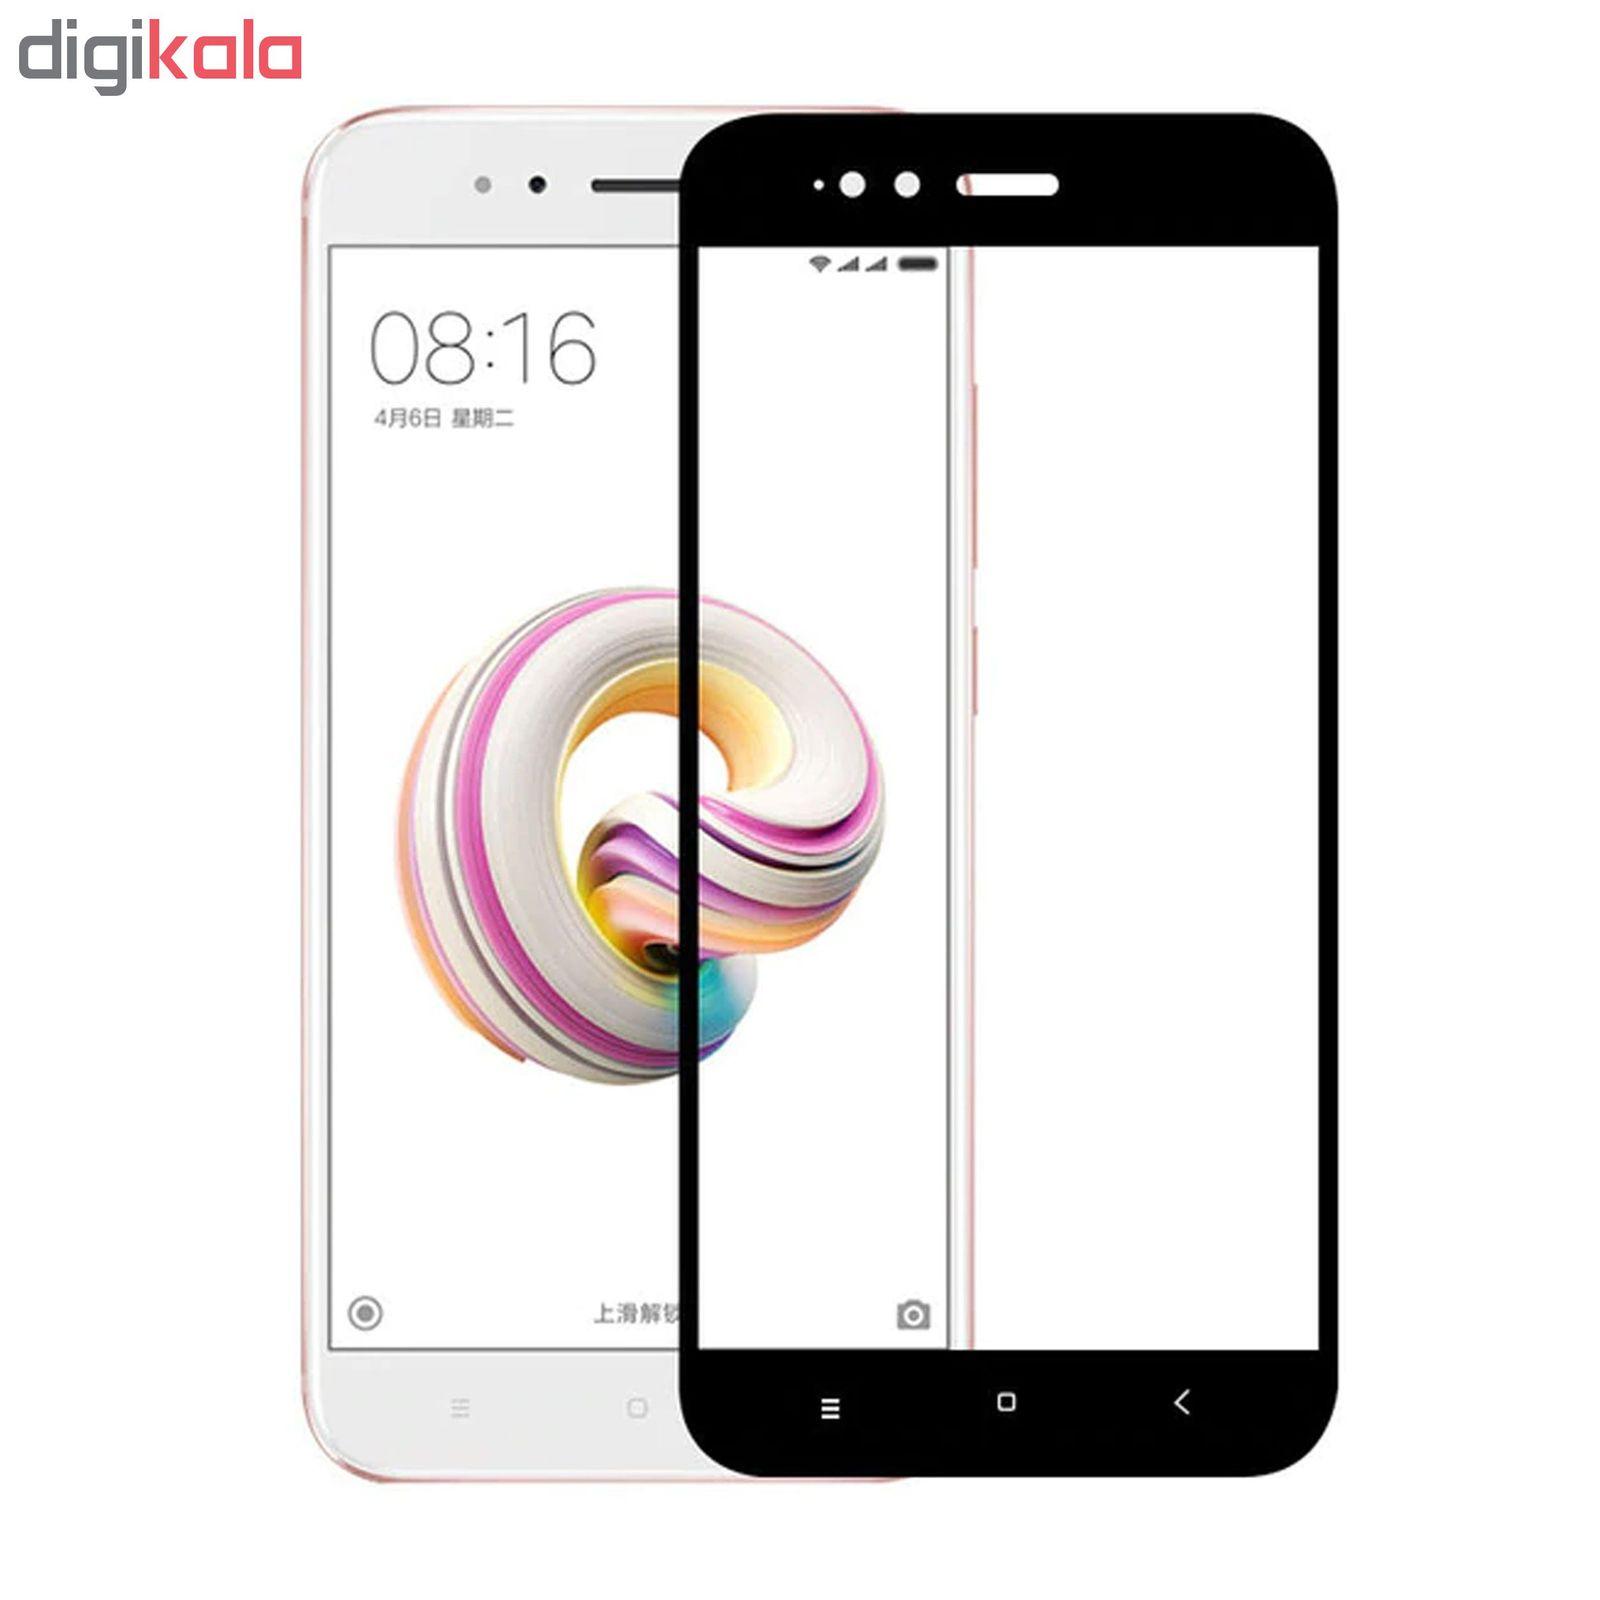 محافظ صفحه نمایش مدل F002 مناسب برای گوشی موبایل شیائومی Mi 5x / Mi  main 1 1